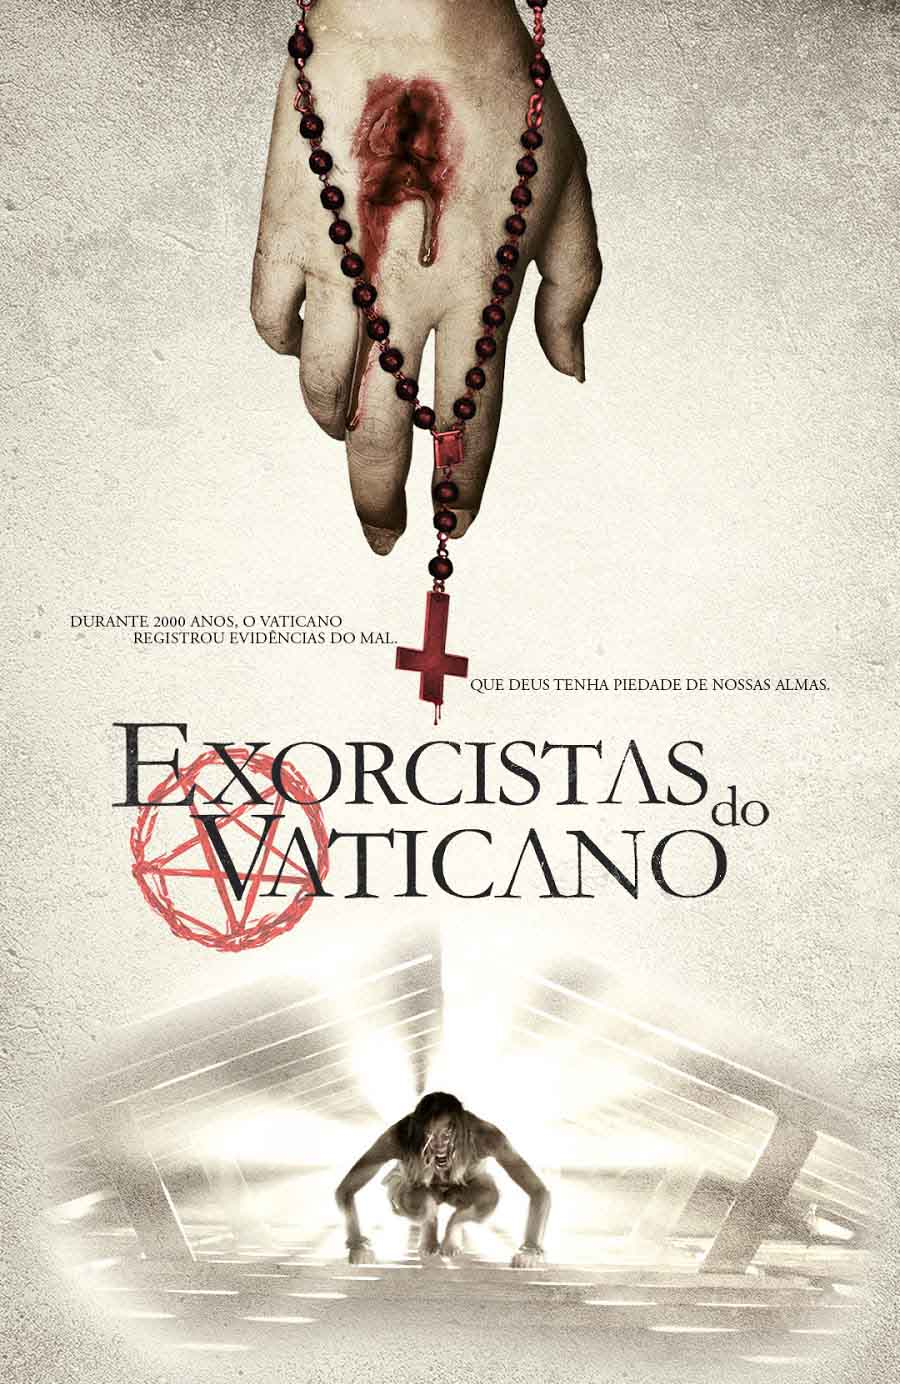 Exorcistas do Vaticano Torrent - Blu-ray Rip 720p e 1080p Legendado (2015)